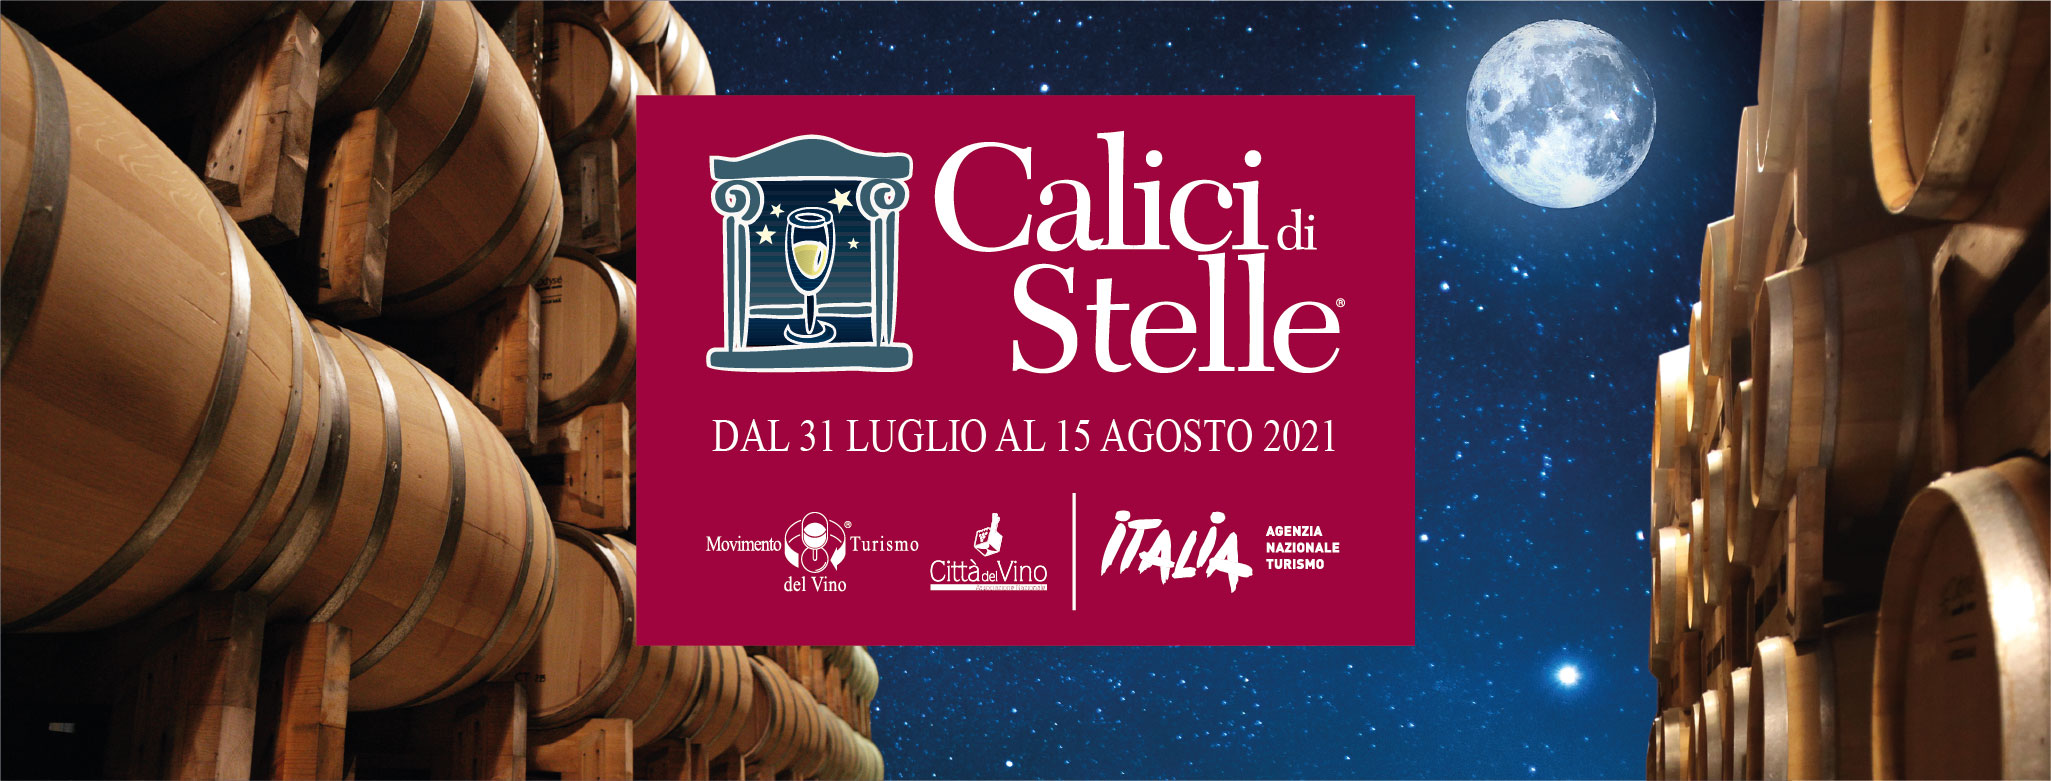 Calici di Stelle 2021 nelle Città del Vino del Trentino Alto Adige